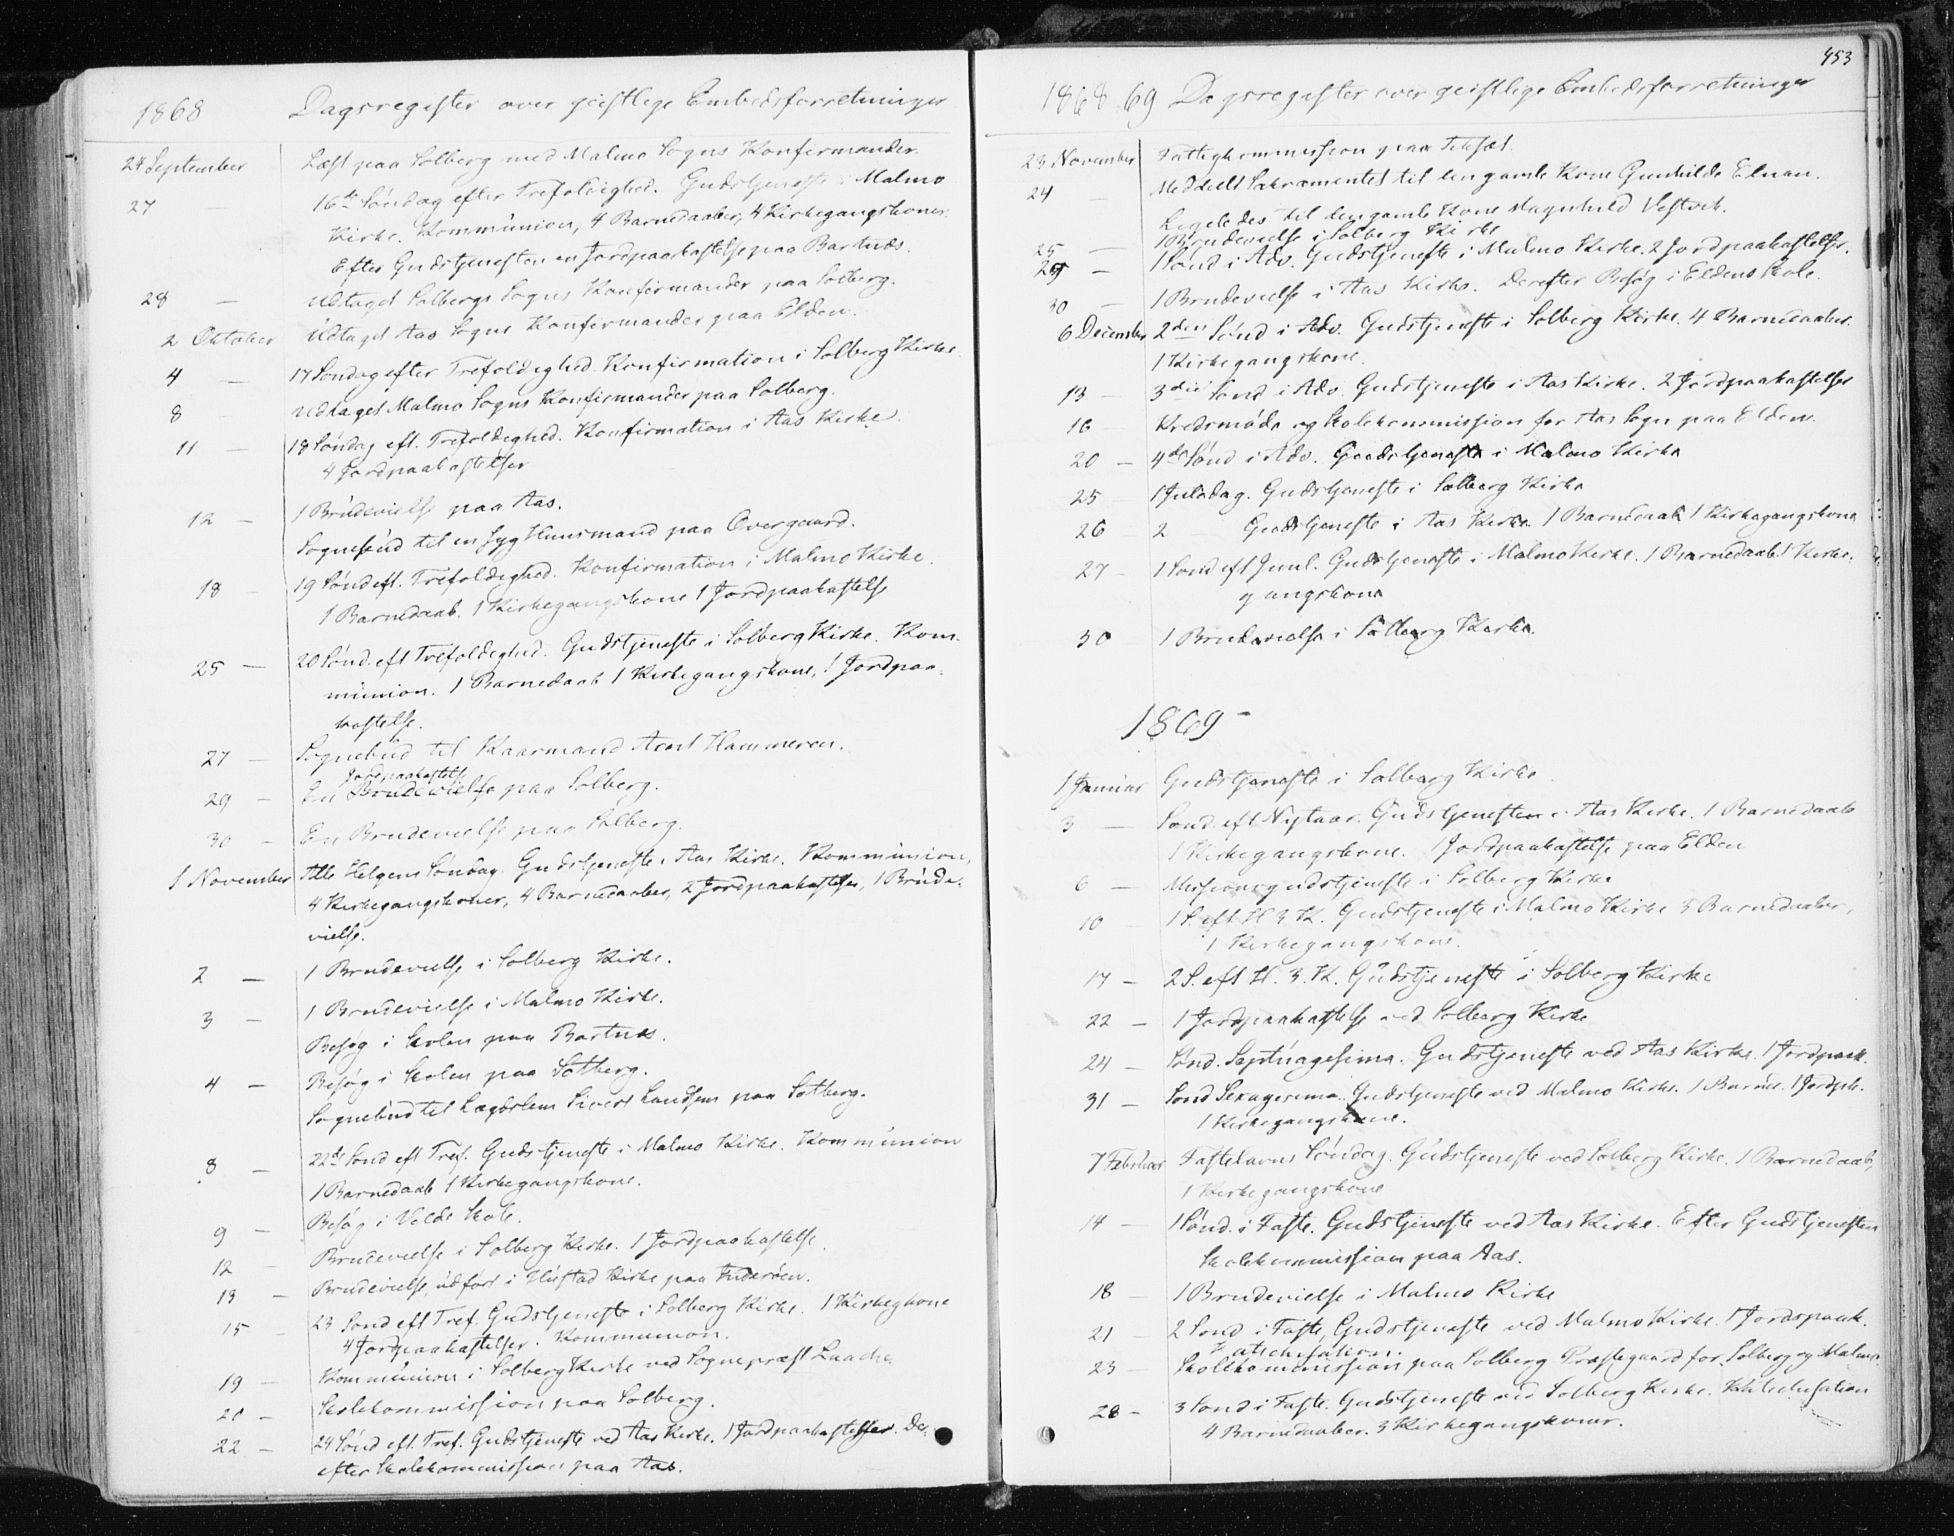 SAT, Ministerialprotokoller, klokkerbøker og fødselsregistre - Nord-Trøndelag, 741/L0394: Ministerialbok nr. 741A08, 1864-1877, s. 453